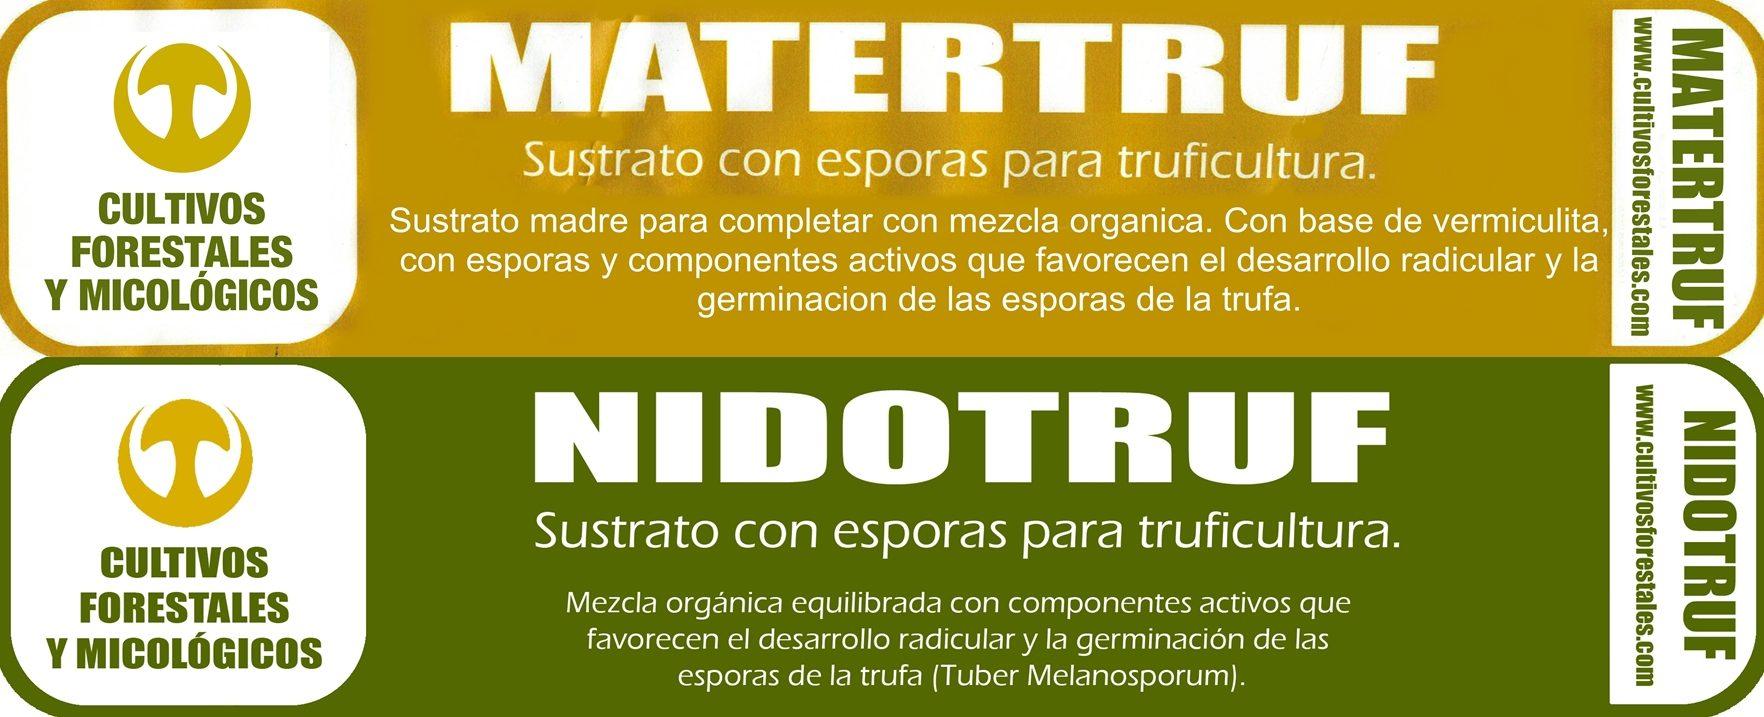 Matertruf-Nidotruf